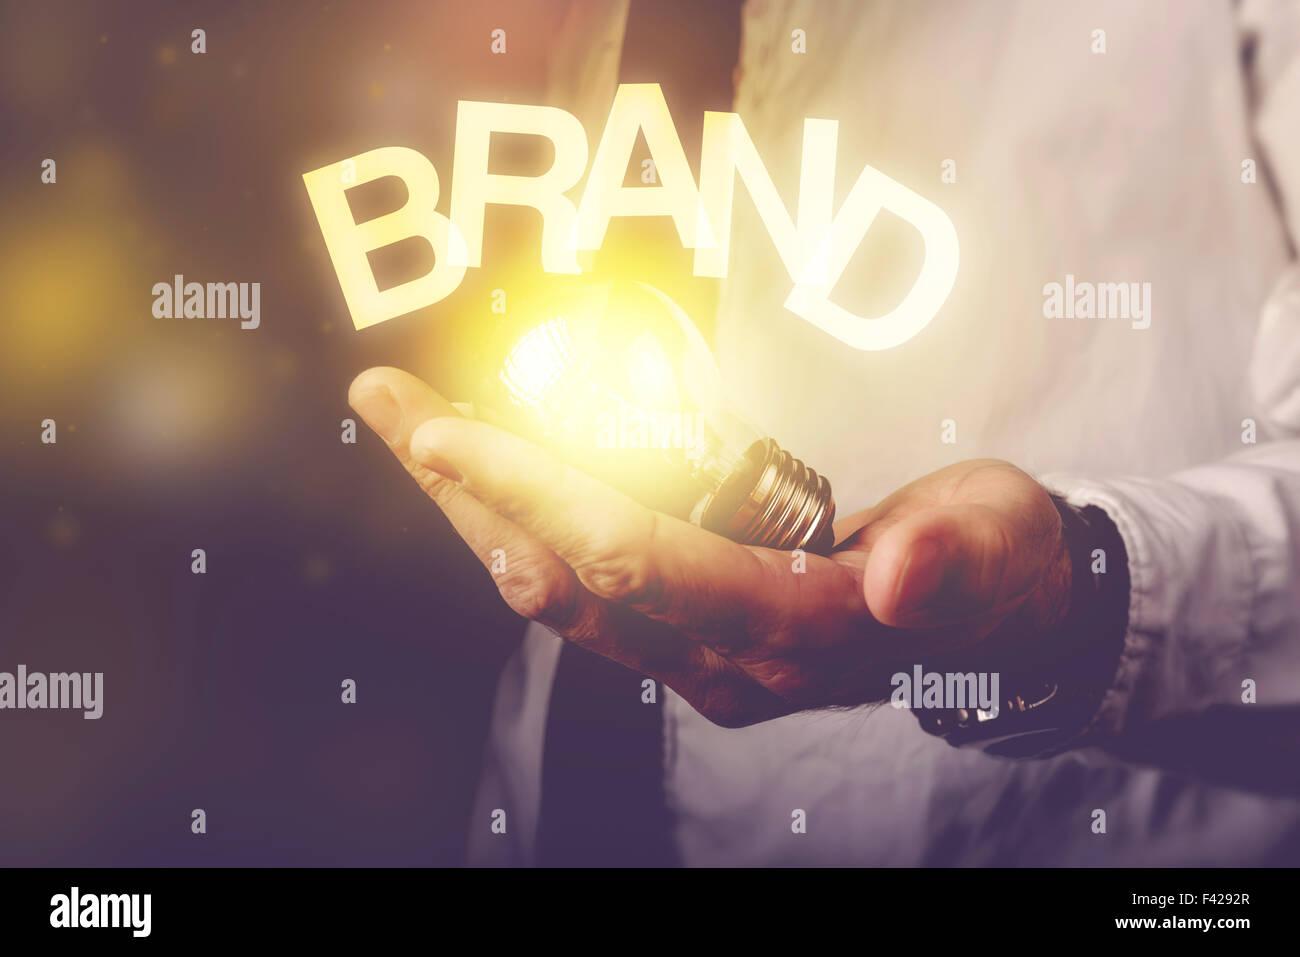 Idée de marque concept avec businessman holding ampoule, tons rétro droit, selective focus. Photo Stock